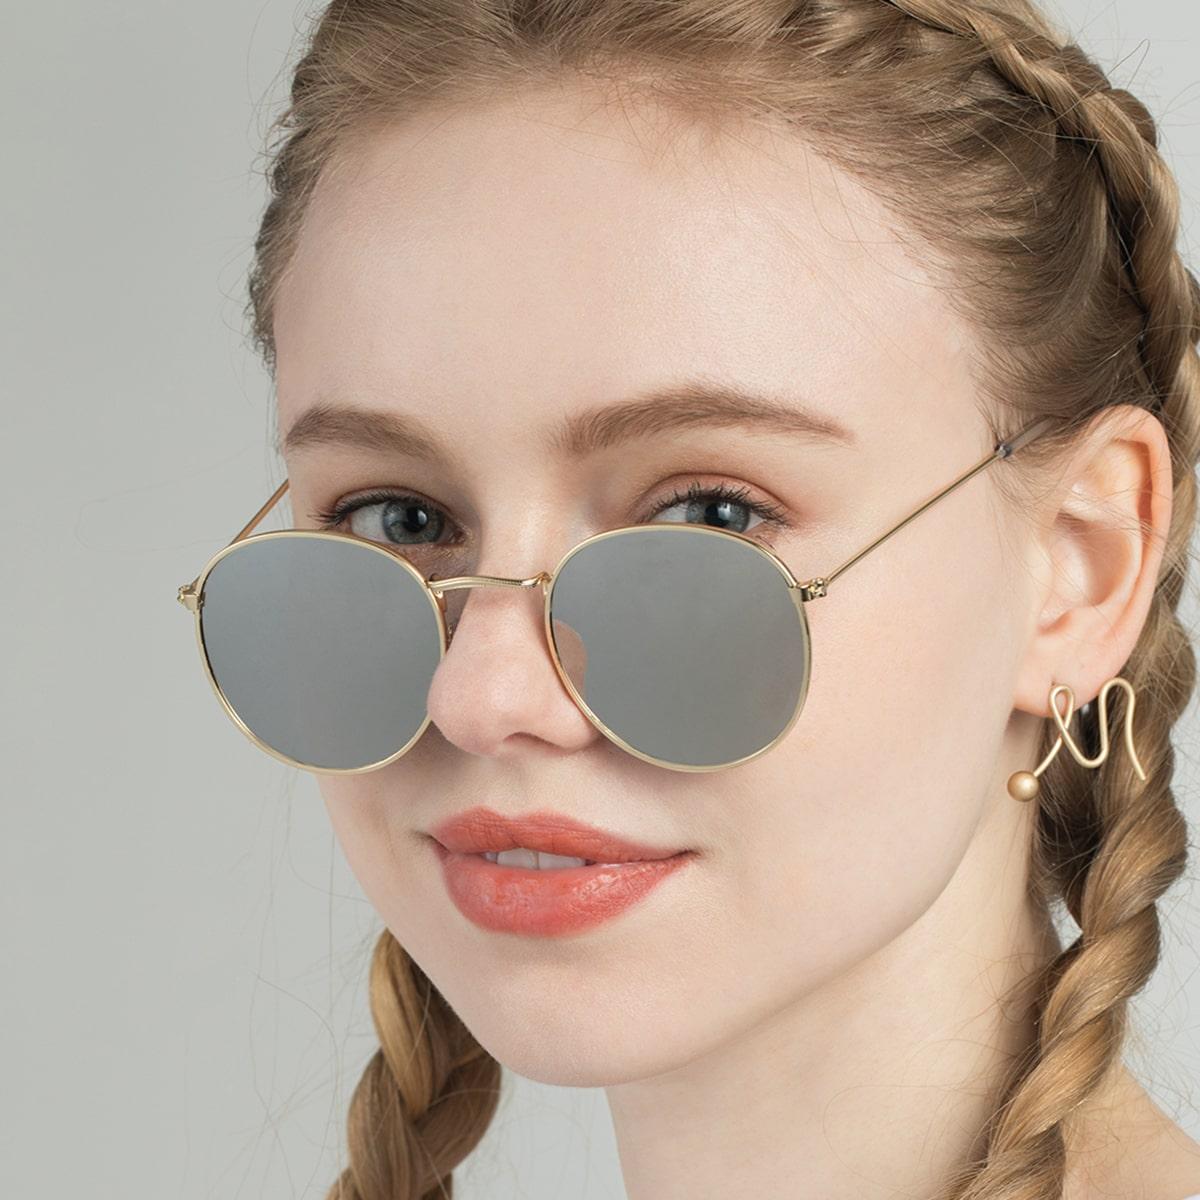 Солнцезащитные очки с металлической рамкой